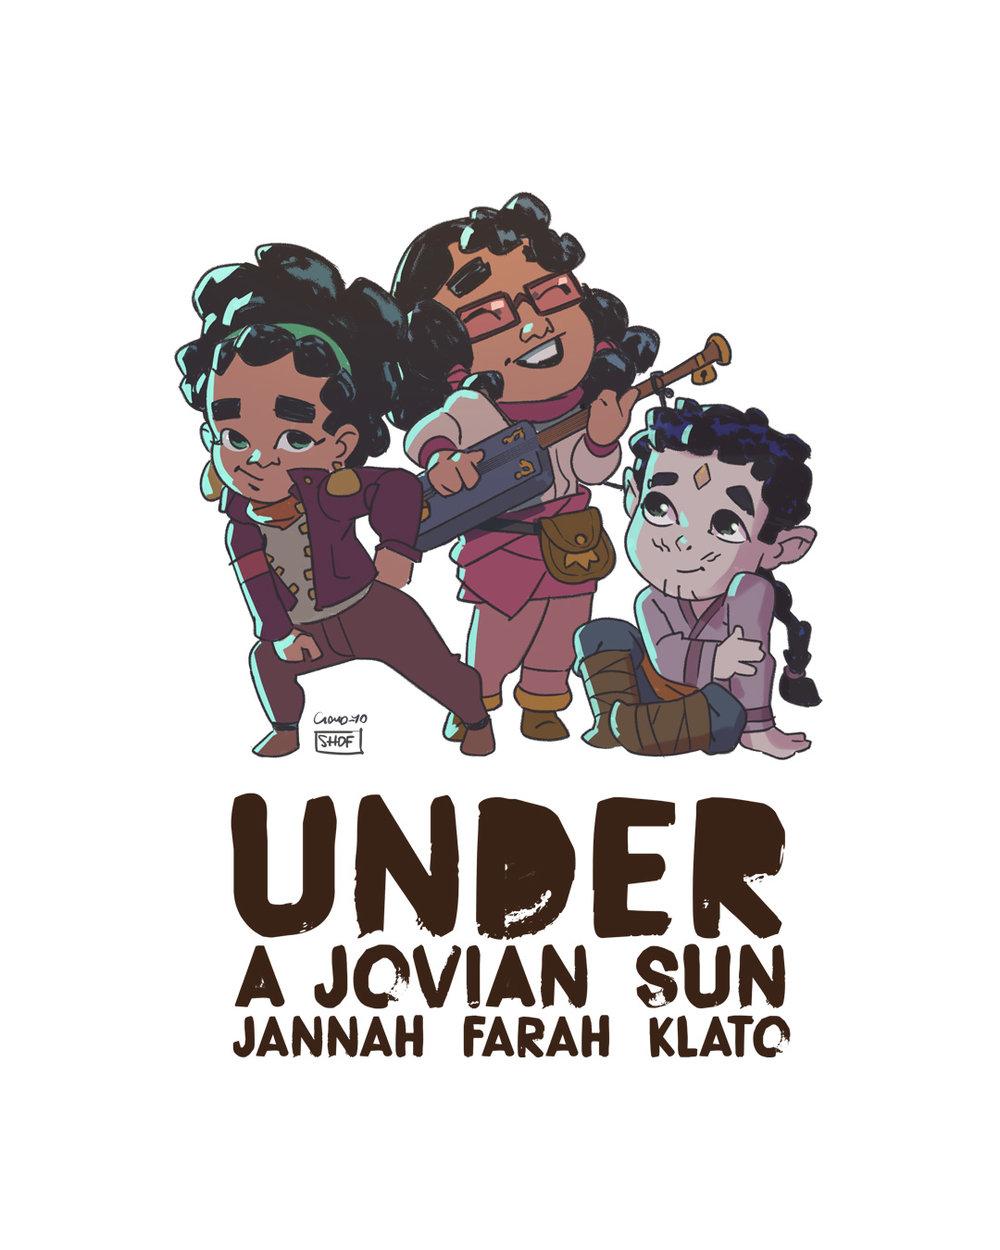 Chibi-Jannah-Farah-Klato_Besties_Full_Thumb.jpg